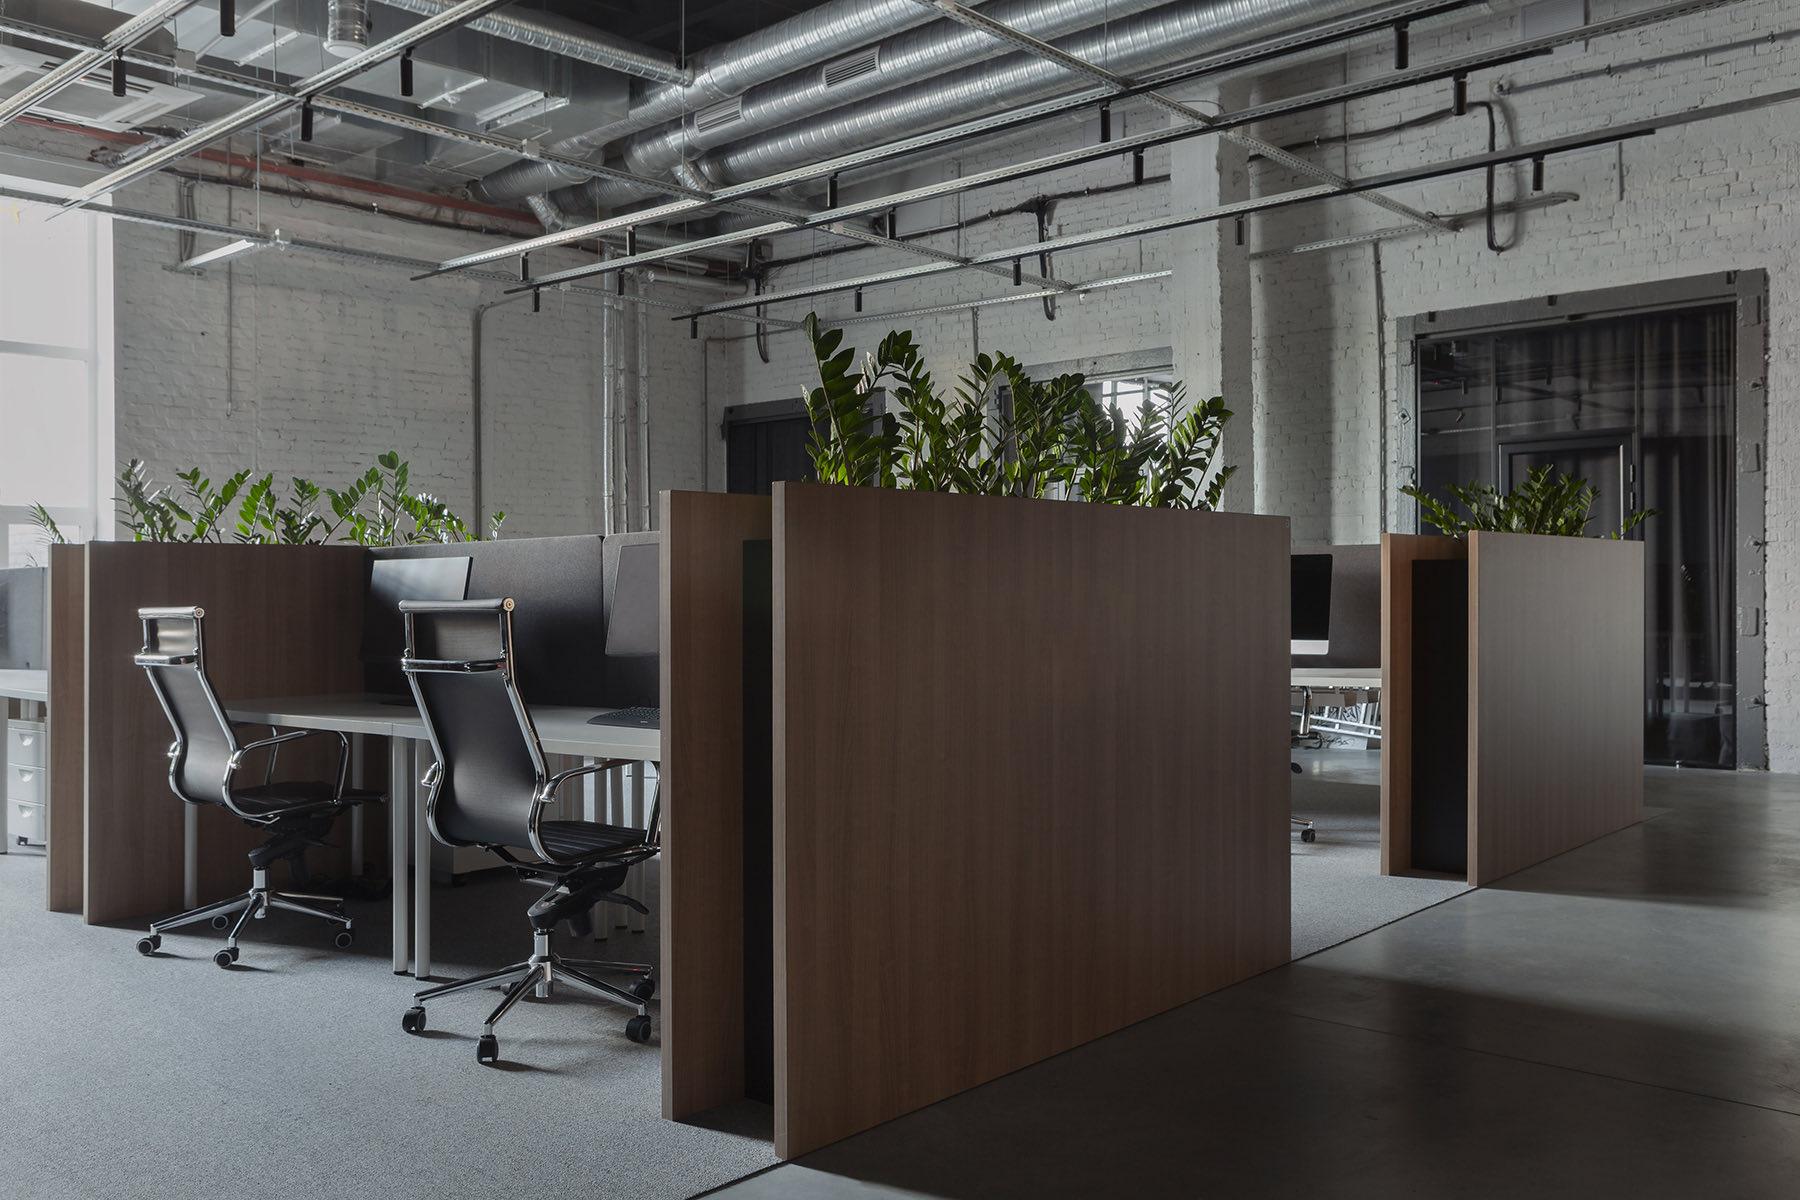 loona-minsk-office-11